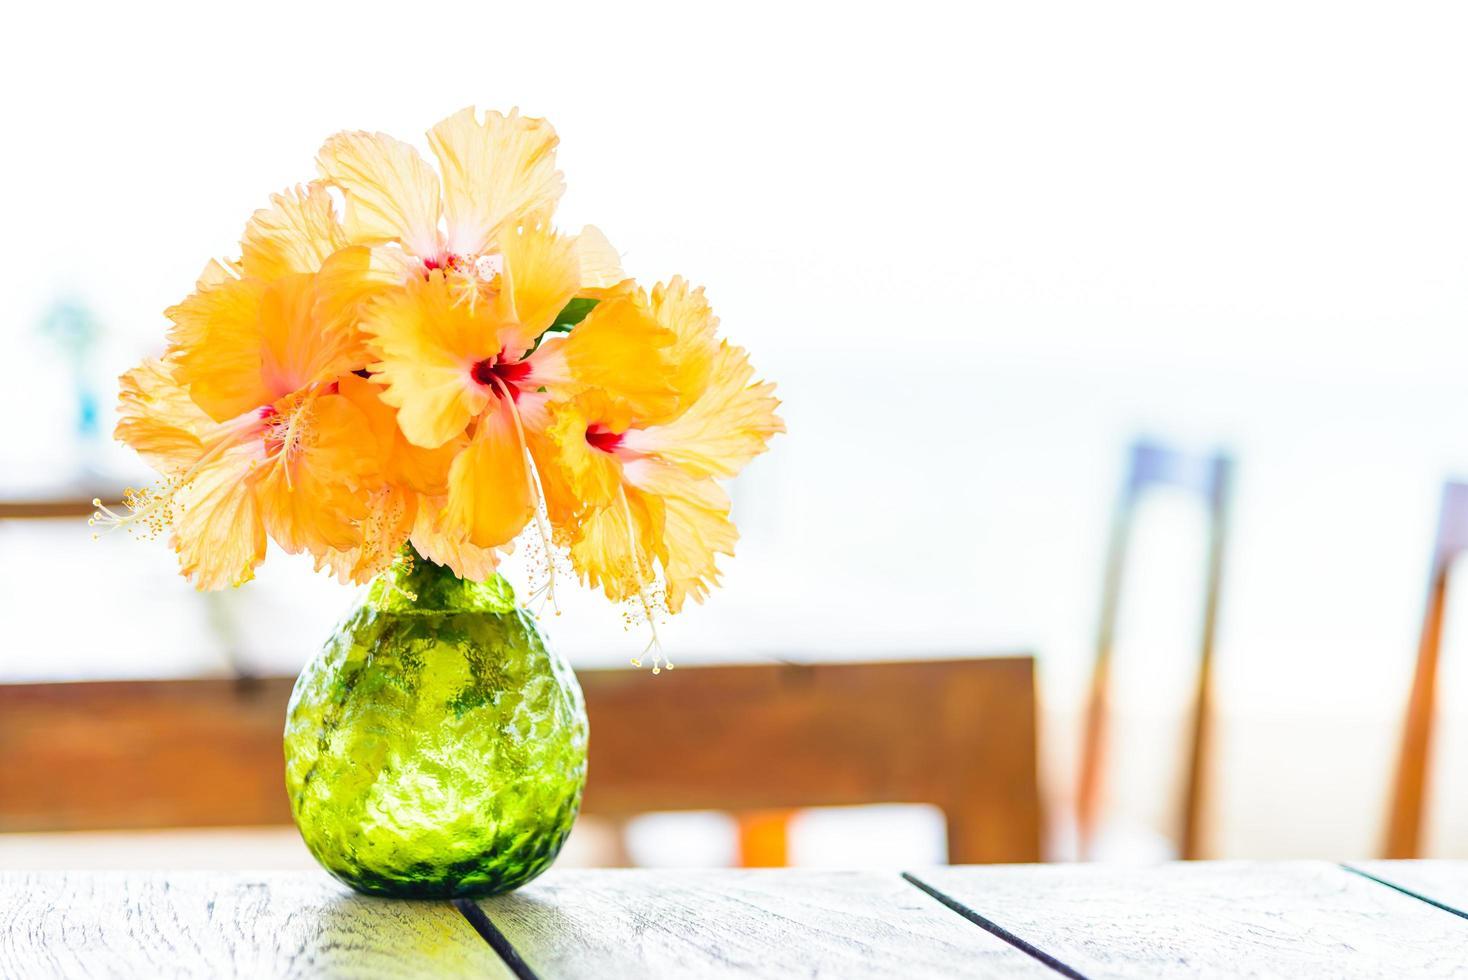 vaas op houten tafel met zee achtergrond foto